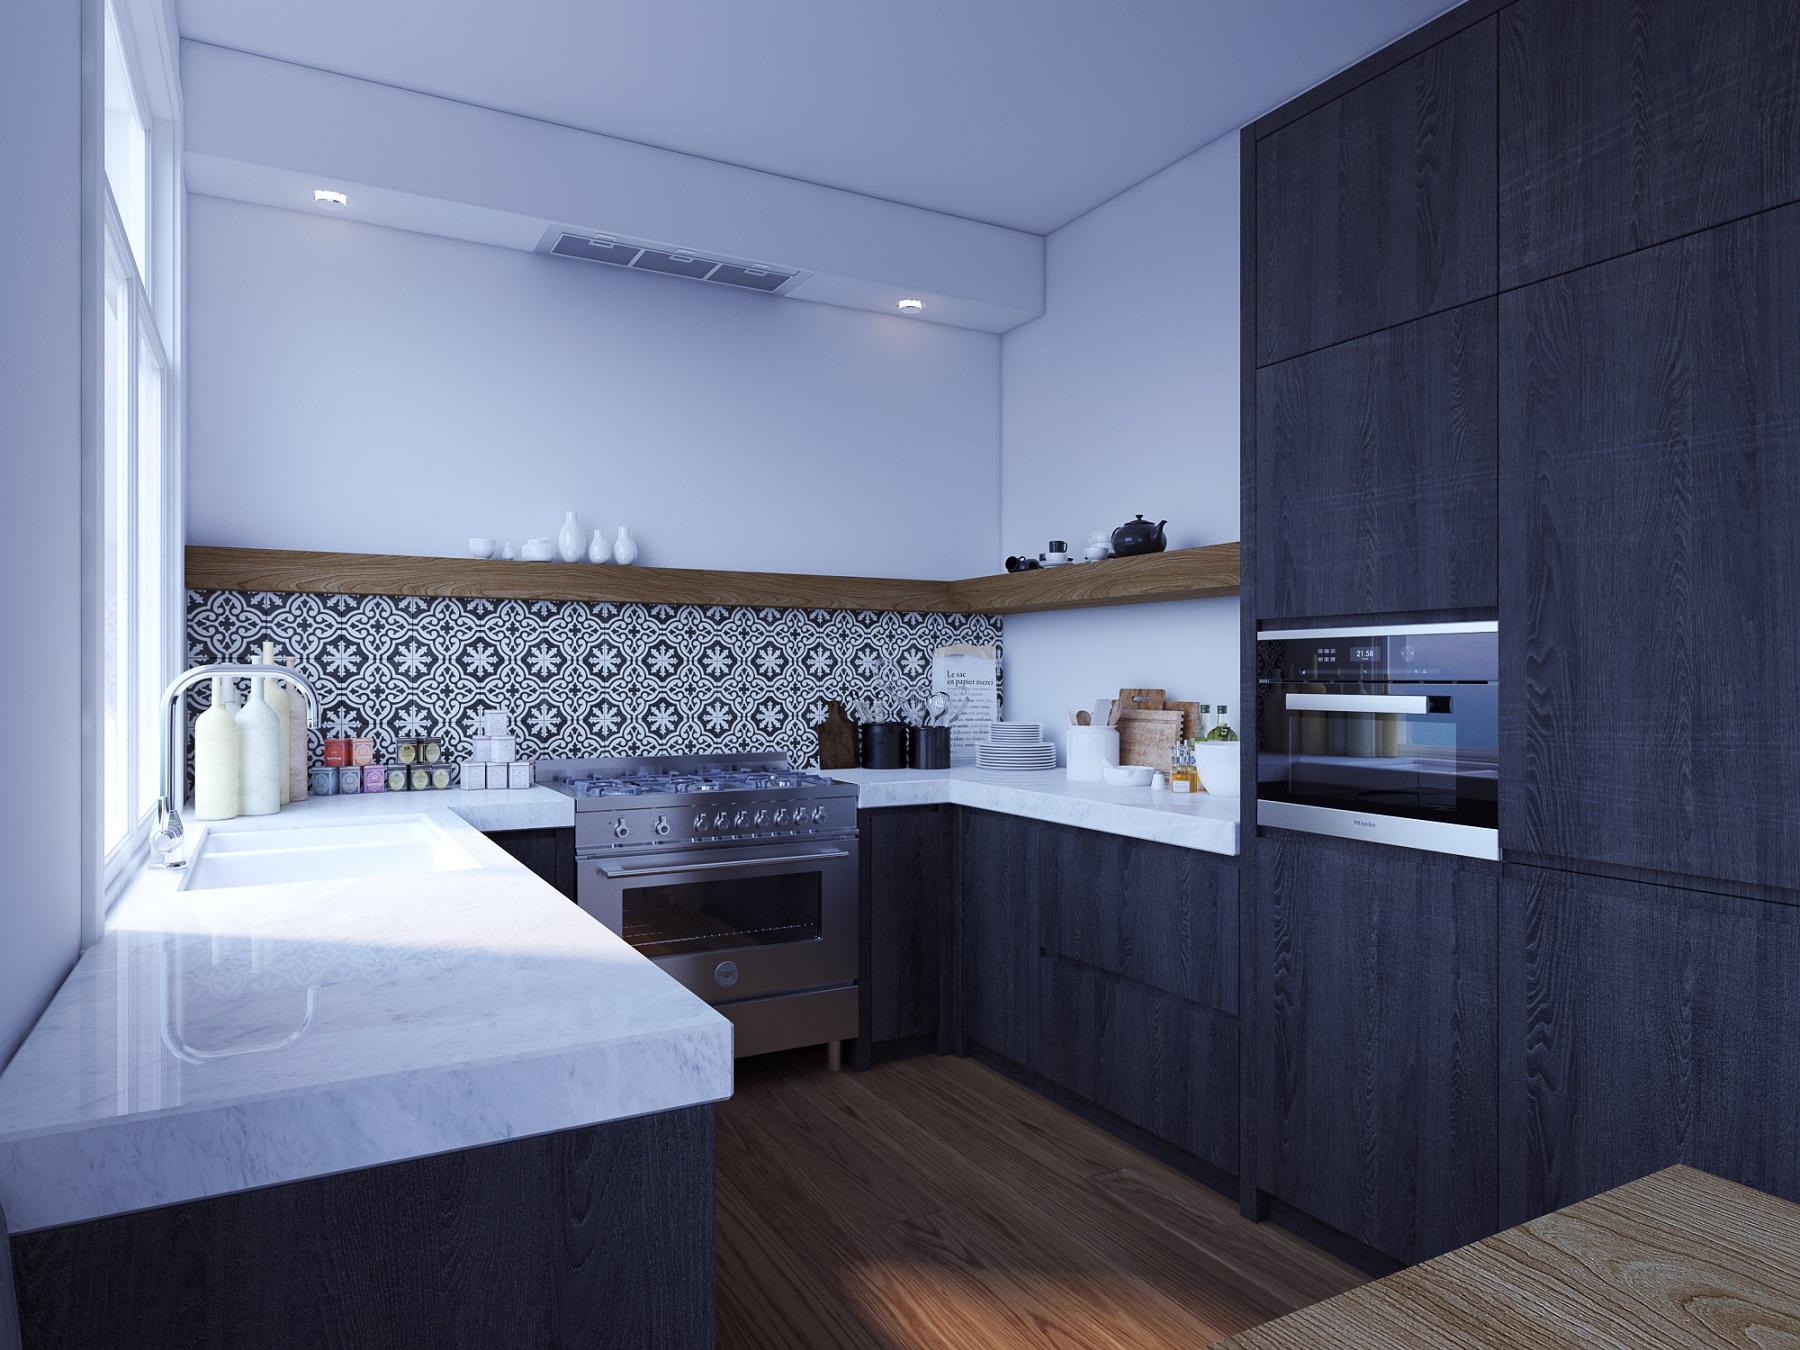 Keuken op maat amsterdam modern design